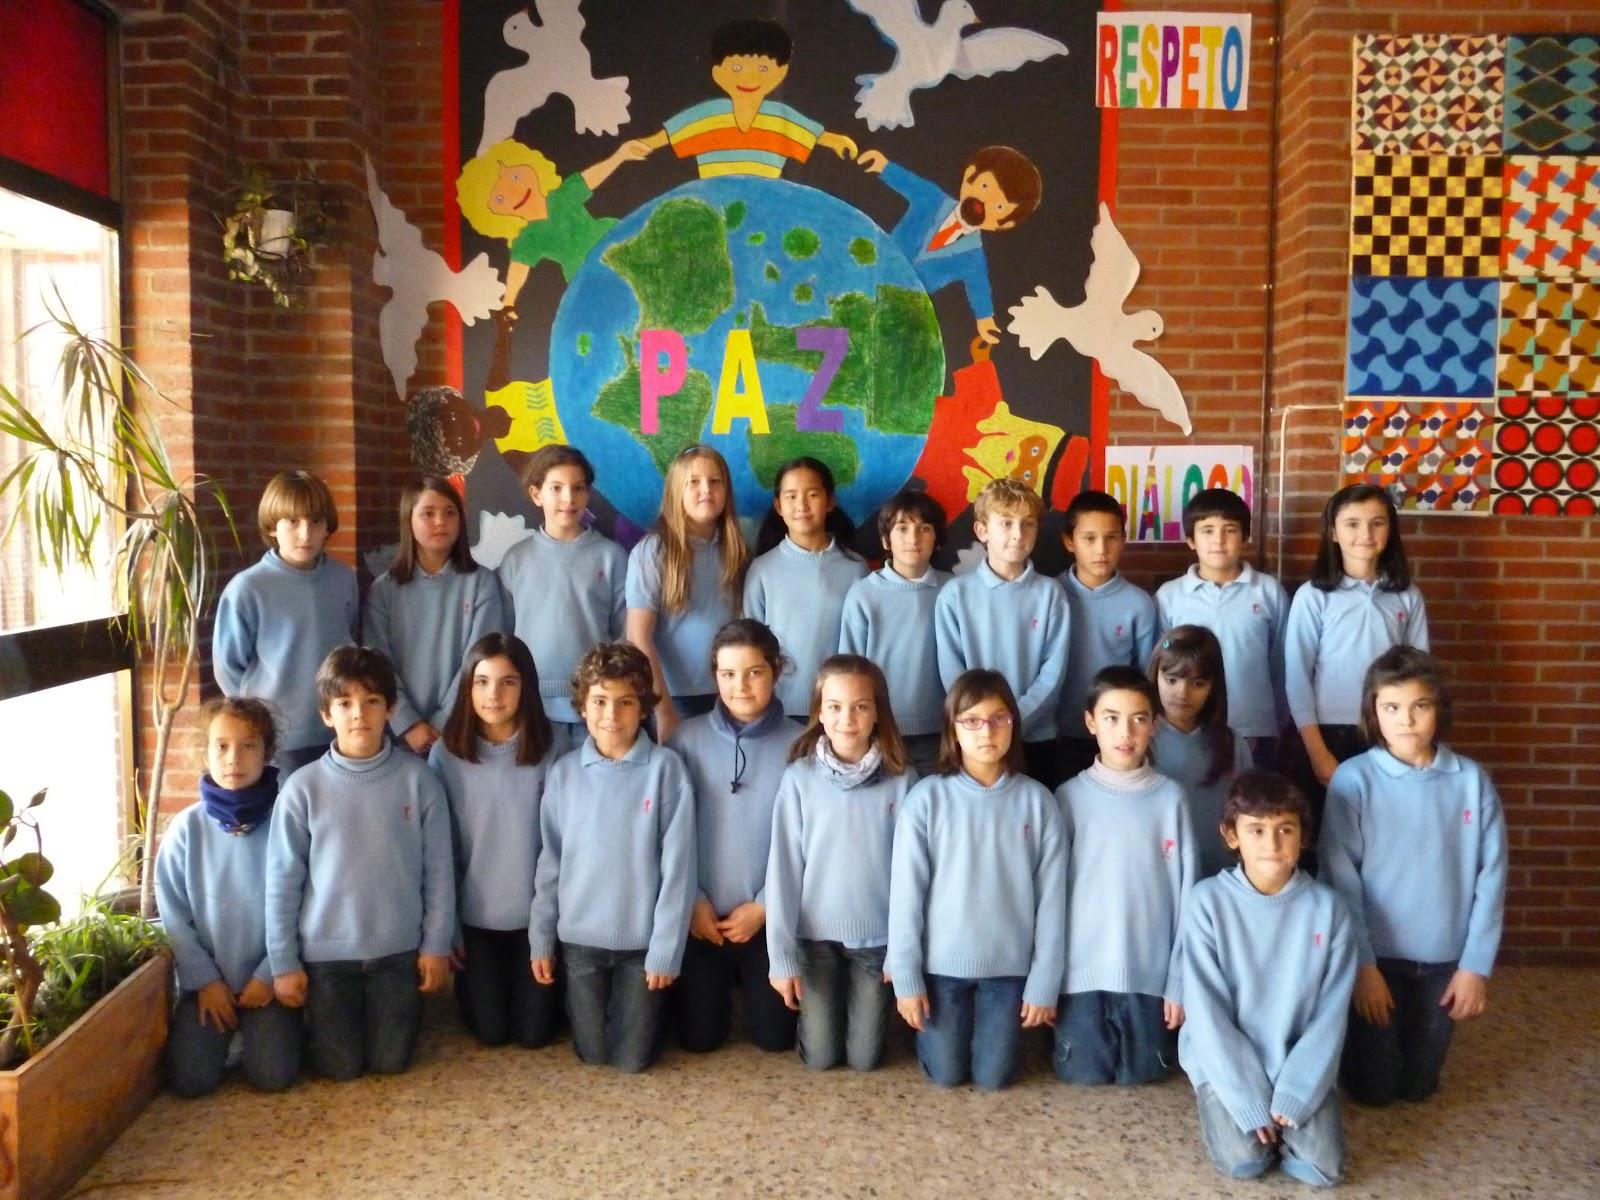 Jard n de frica 4 de primaria for Colegio jardin de africa